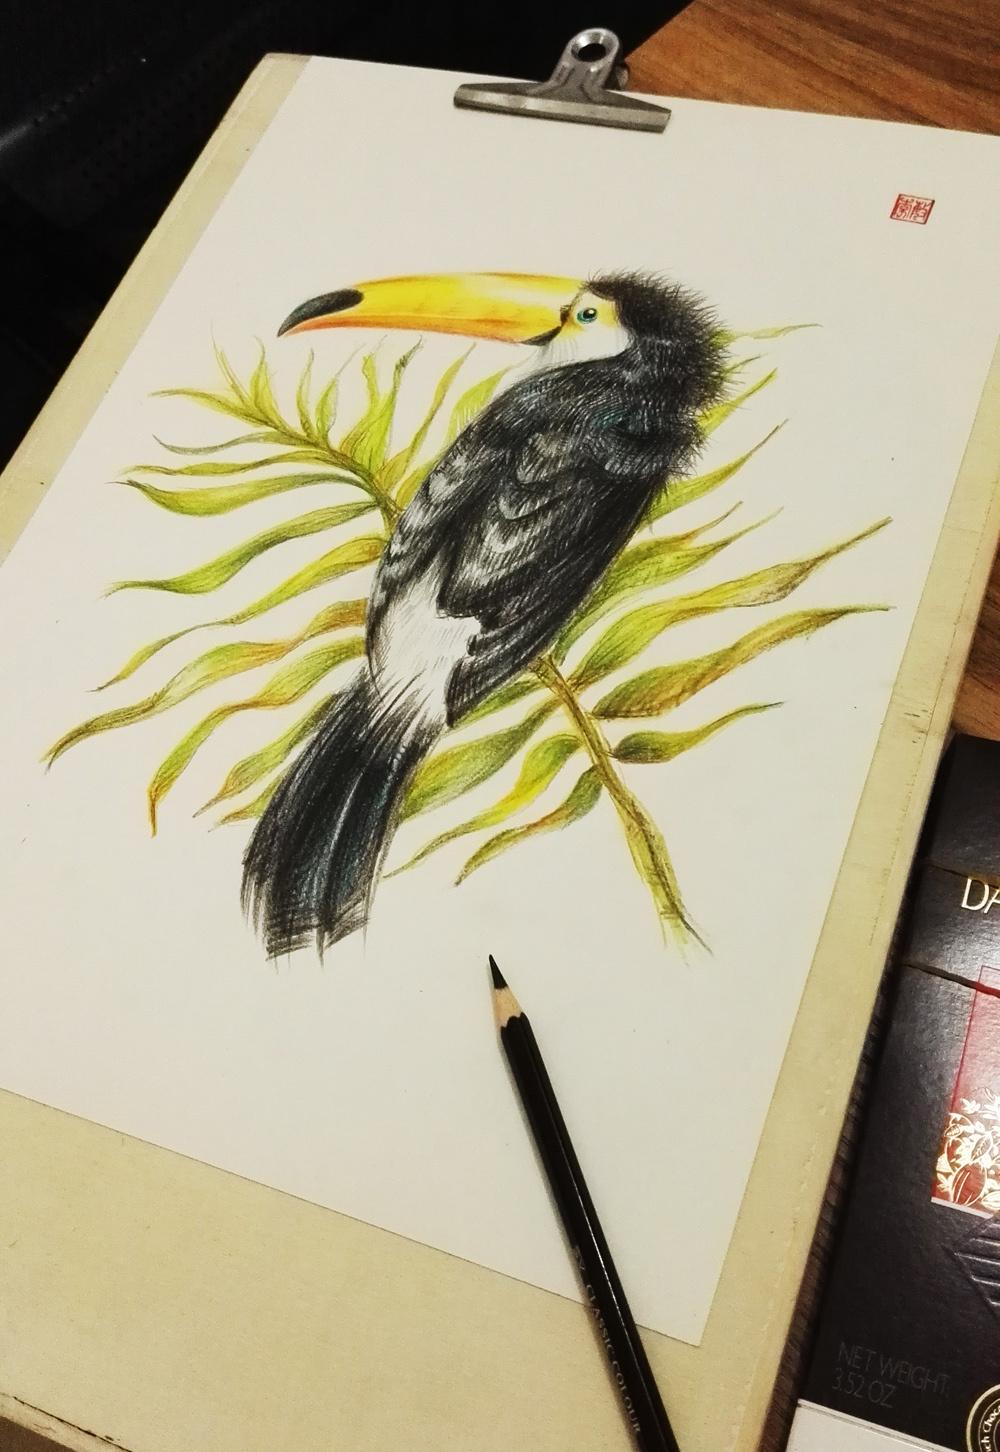 大嘴鸟花鸟彩铅手绘实木画框家居装饰画